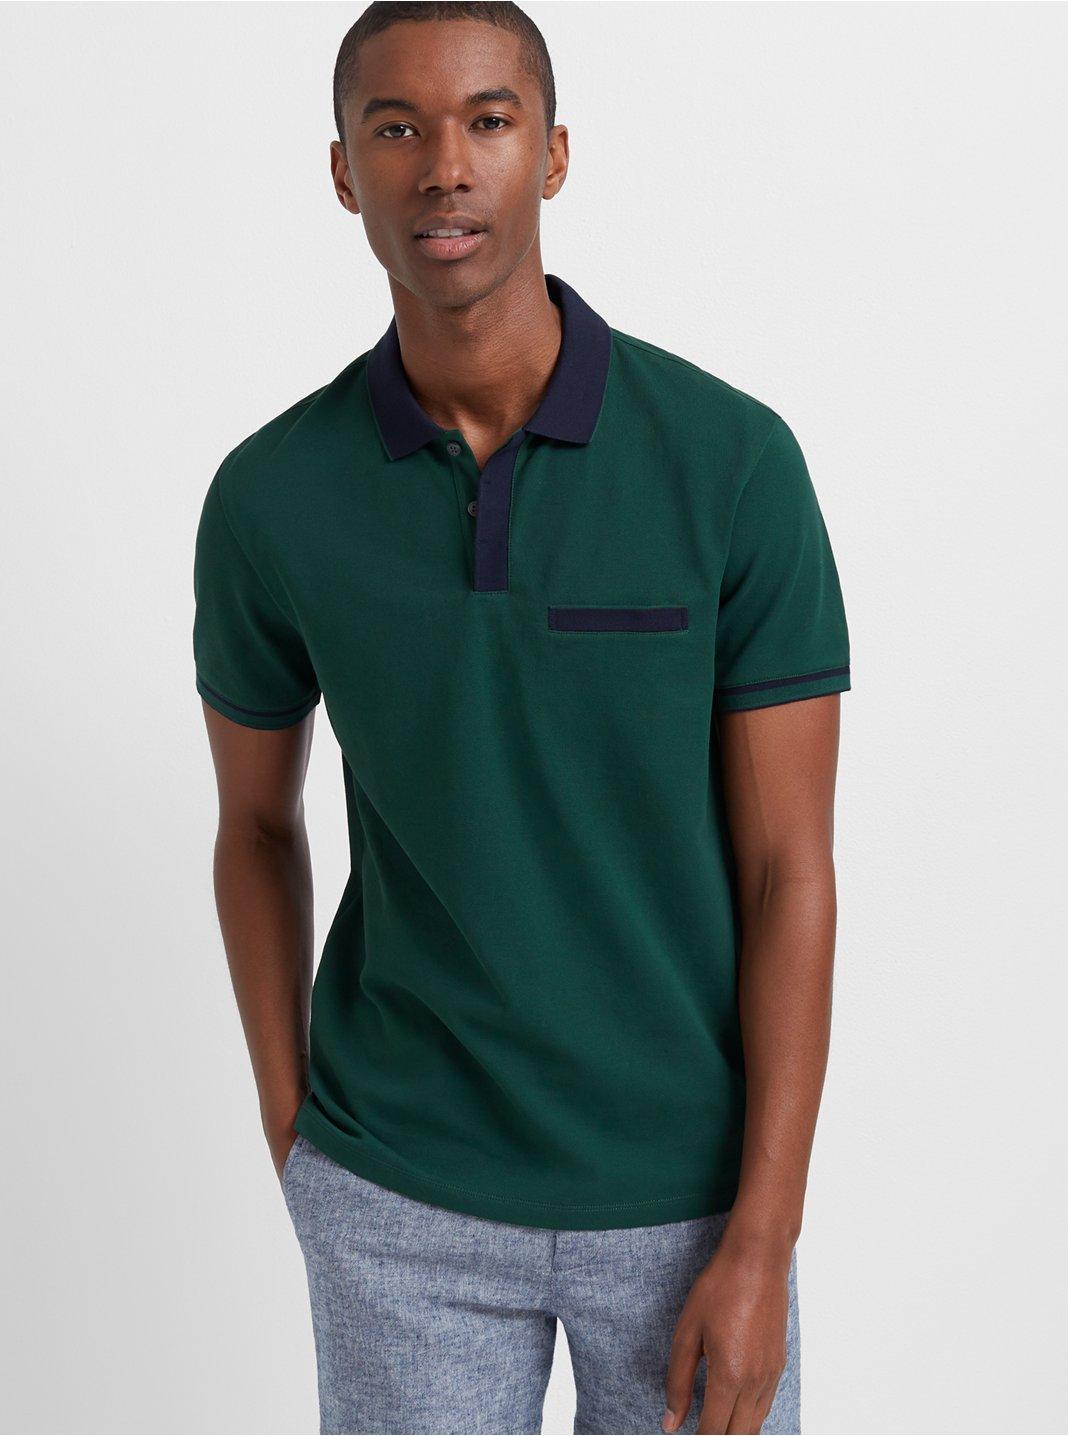 클럽 모나코 맨 Welt 반팔 티셔츠 Club Monaco Welt Pocket Polo